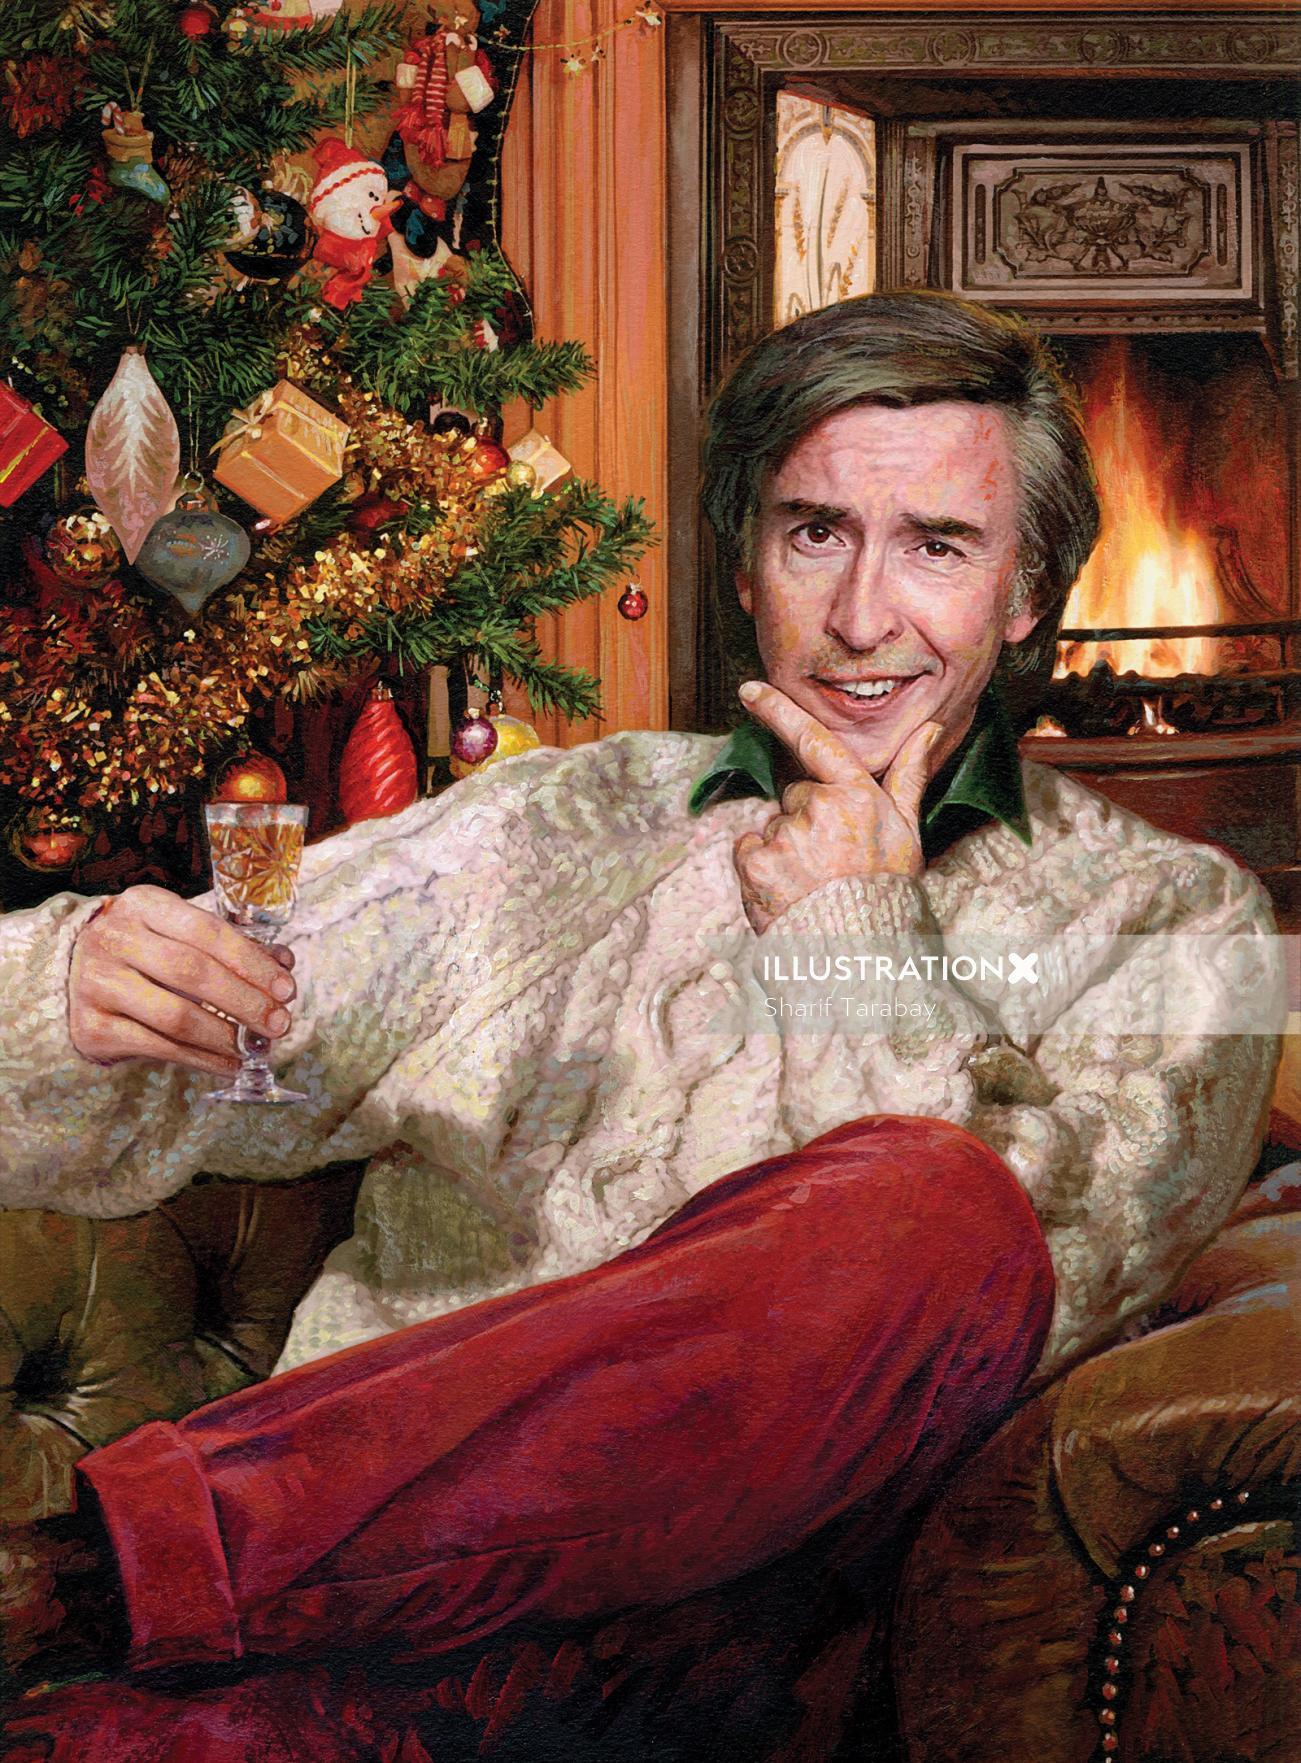 Portrait alan partridge christmas